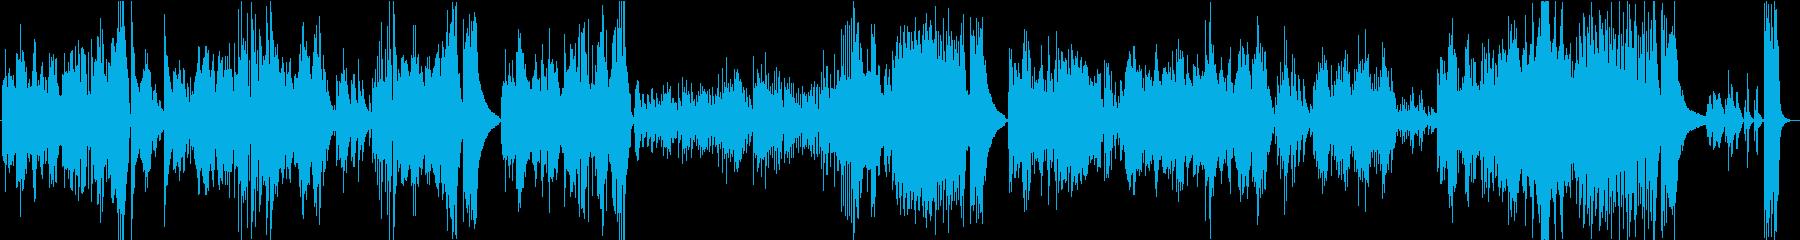 ベートーベンピアノソナタ第8番悲愴第3楽の再生済みの波形